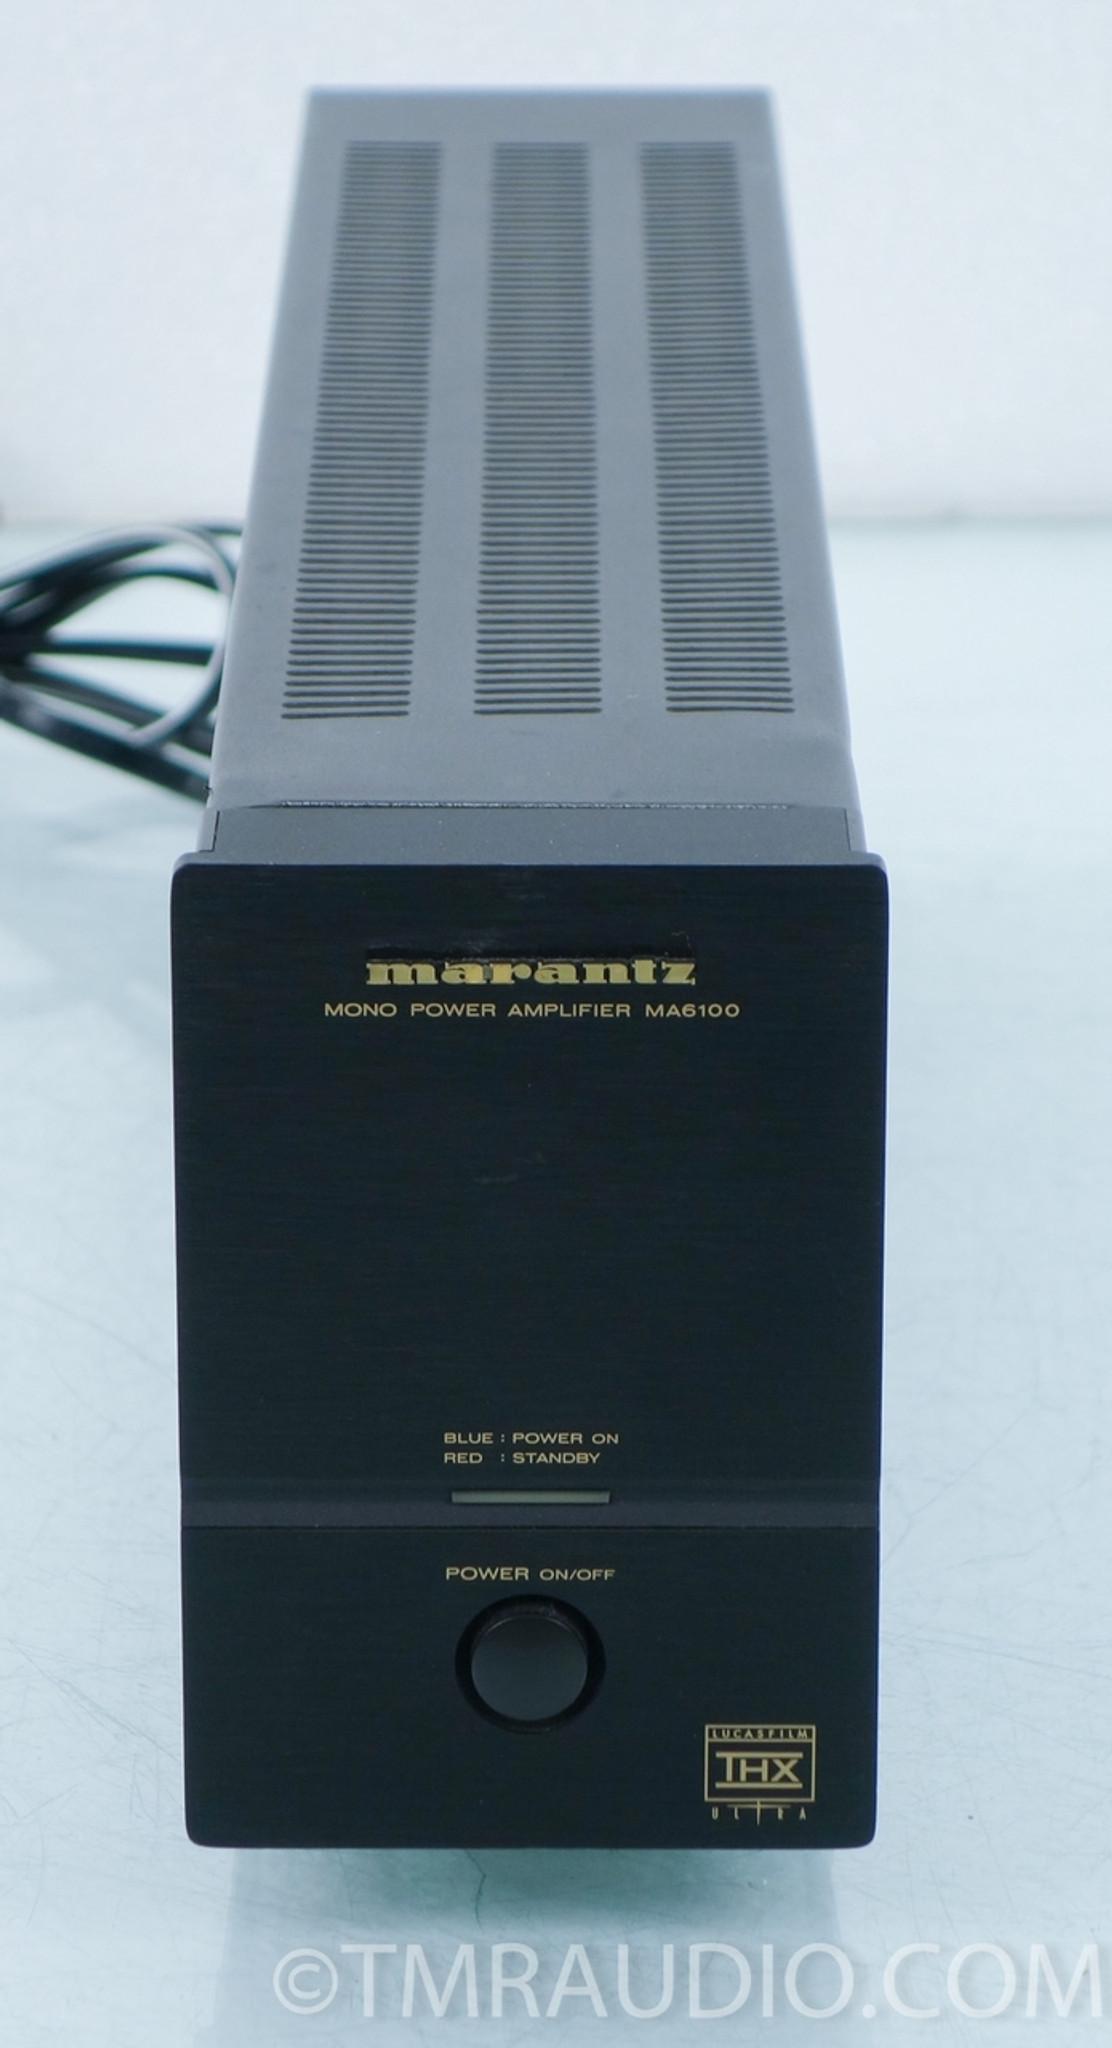 marantz ma6100 mono amplifier ma 6100 1 the music room rh tmraudio com Marantz 6100 Review Marantz SC-7S2